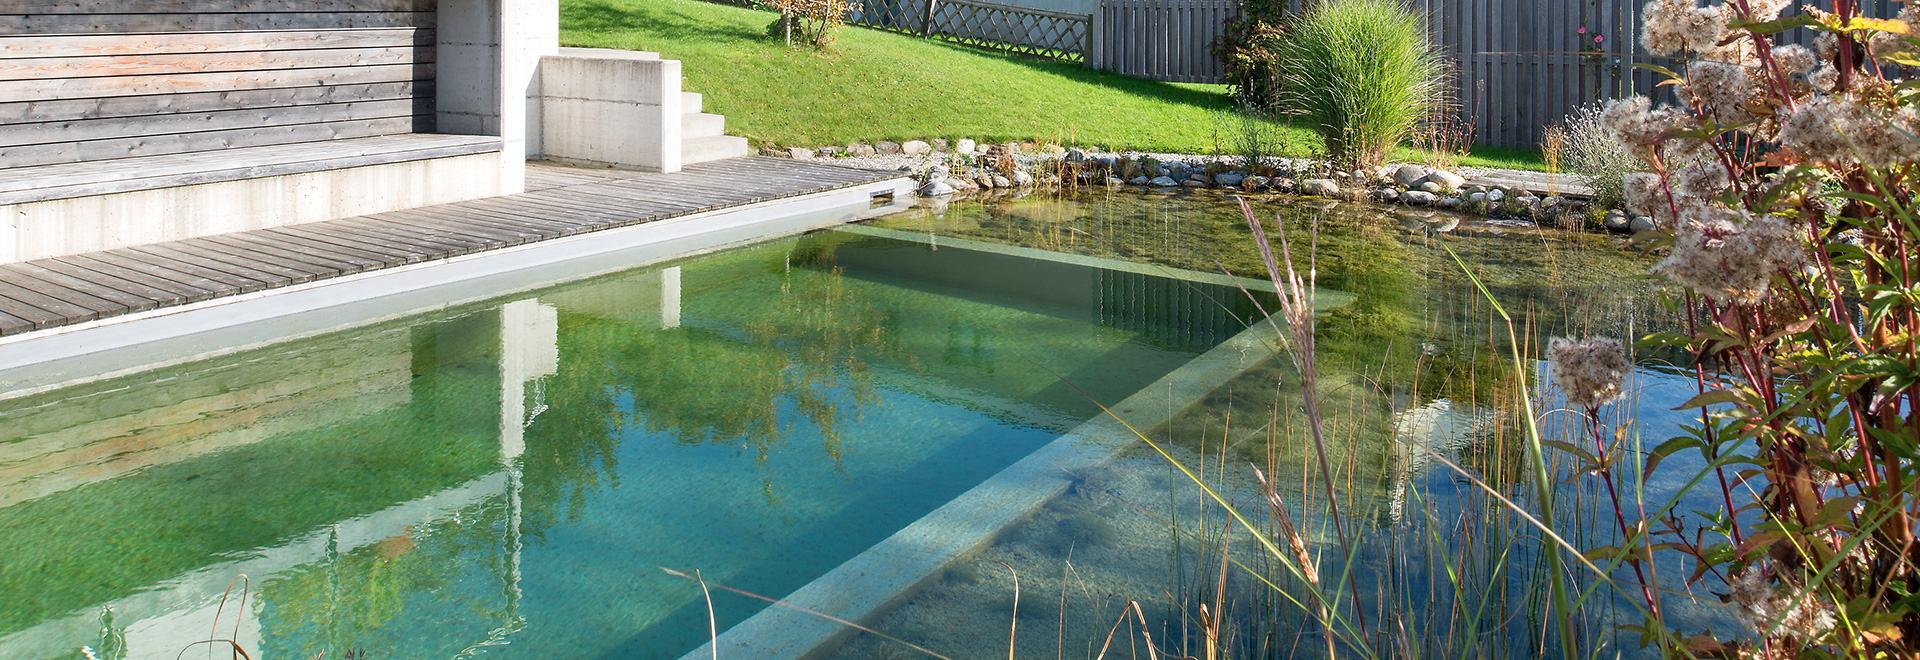 Teichbau Für Die Schönsten Teiche